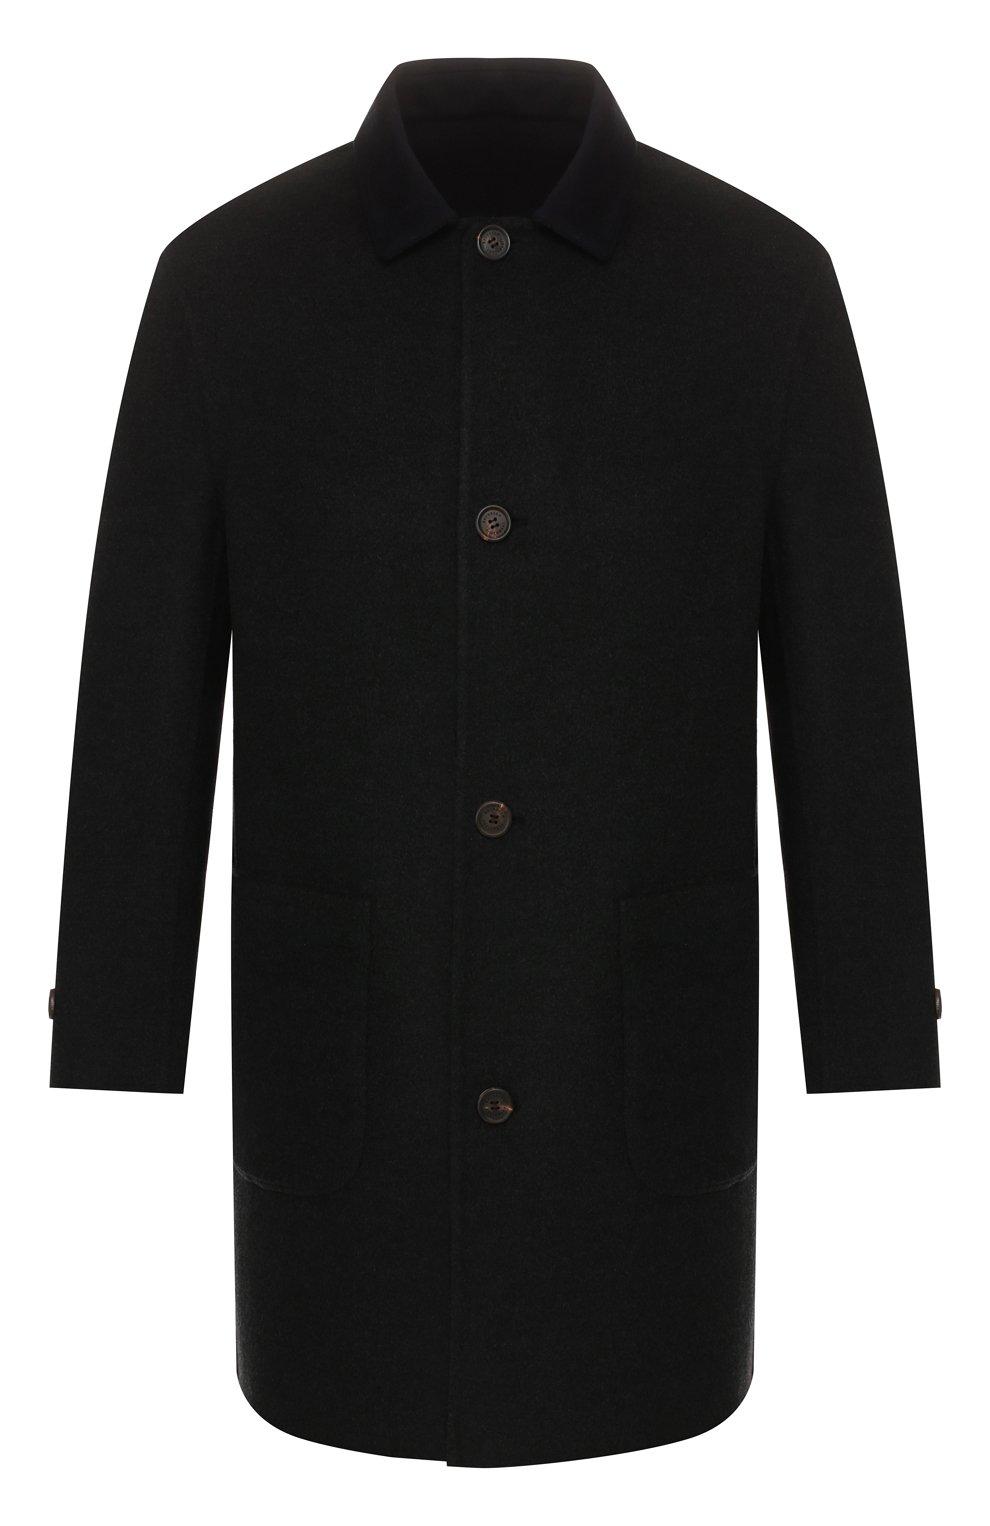 Мужской двустороннее кашемировое пальто BRUNELLO CUCINELLI темно-серого цвета, арт. ML4549947   Фото 1 (Материал внешний: Шерсть, Кашемир; Рукава: Длинные; Длина (верхняя одежда): До середины бедра; Мужское Кросс-КТ: Верхняя одежда, пальто-верхняя одежда; Стили: Кэжуэл; Статус проверки: Проверена категория)